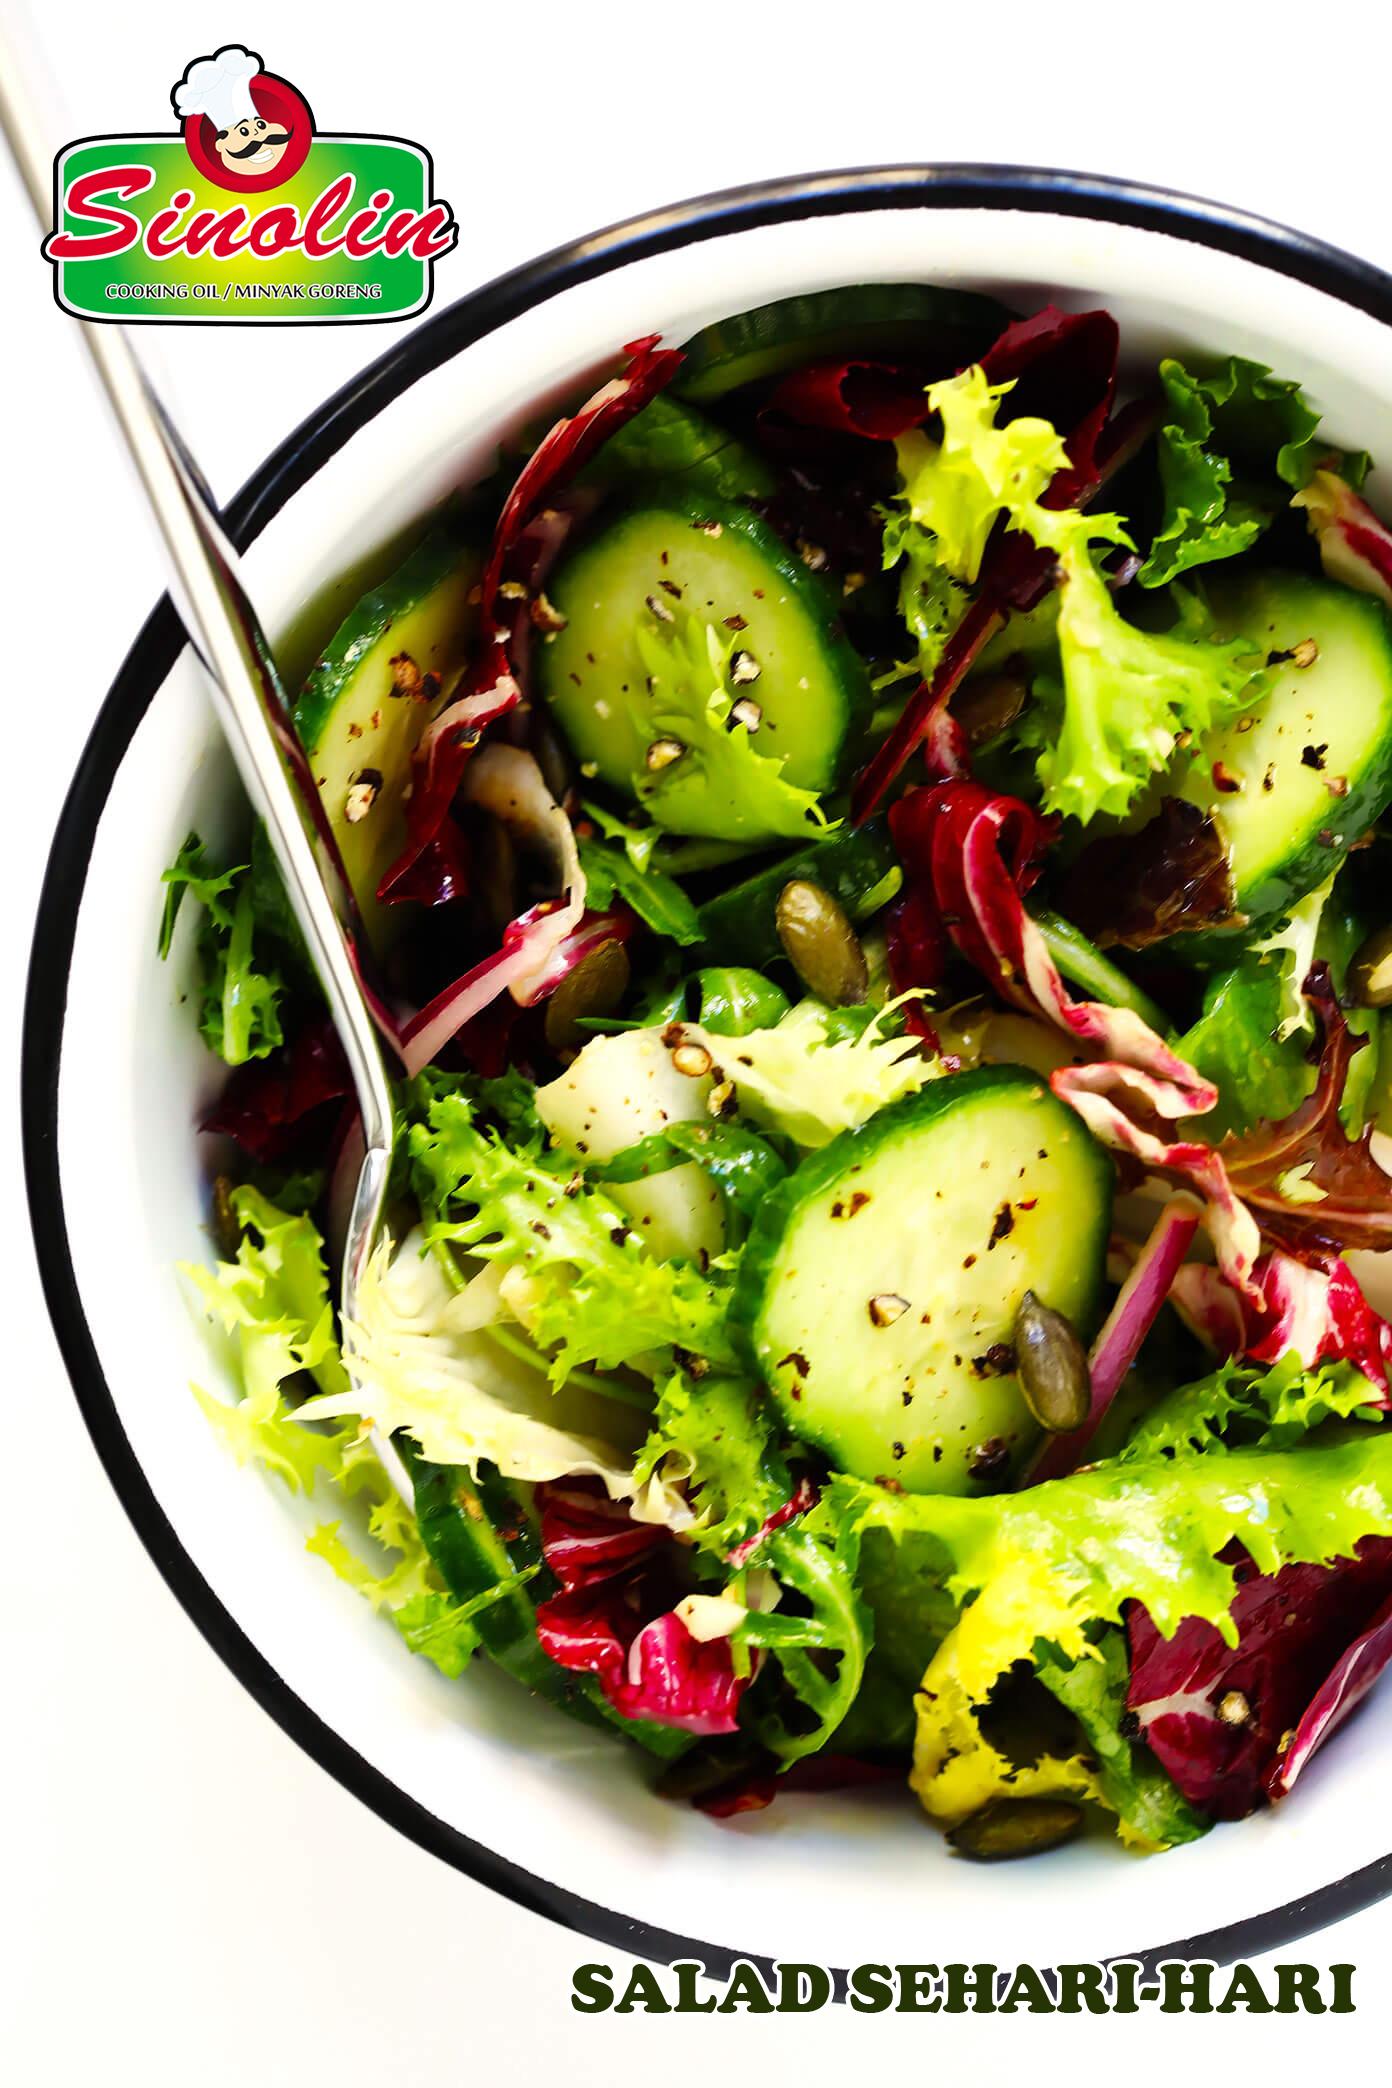 Salad Sehari-hari Oleh Dapur Sinolin